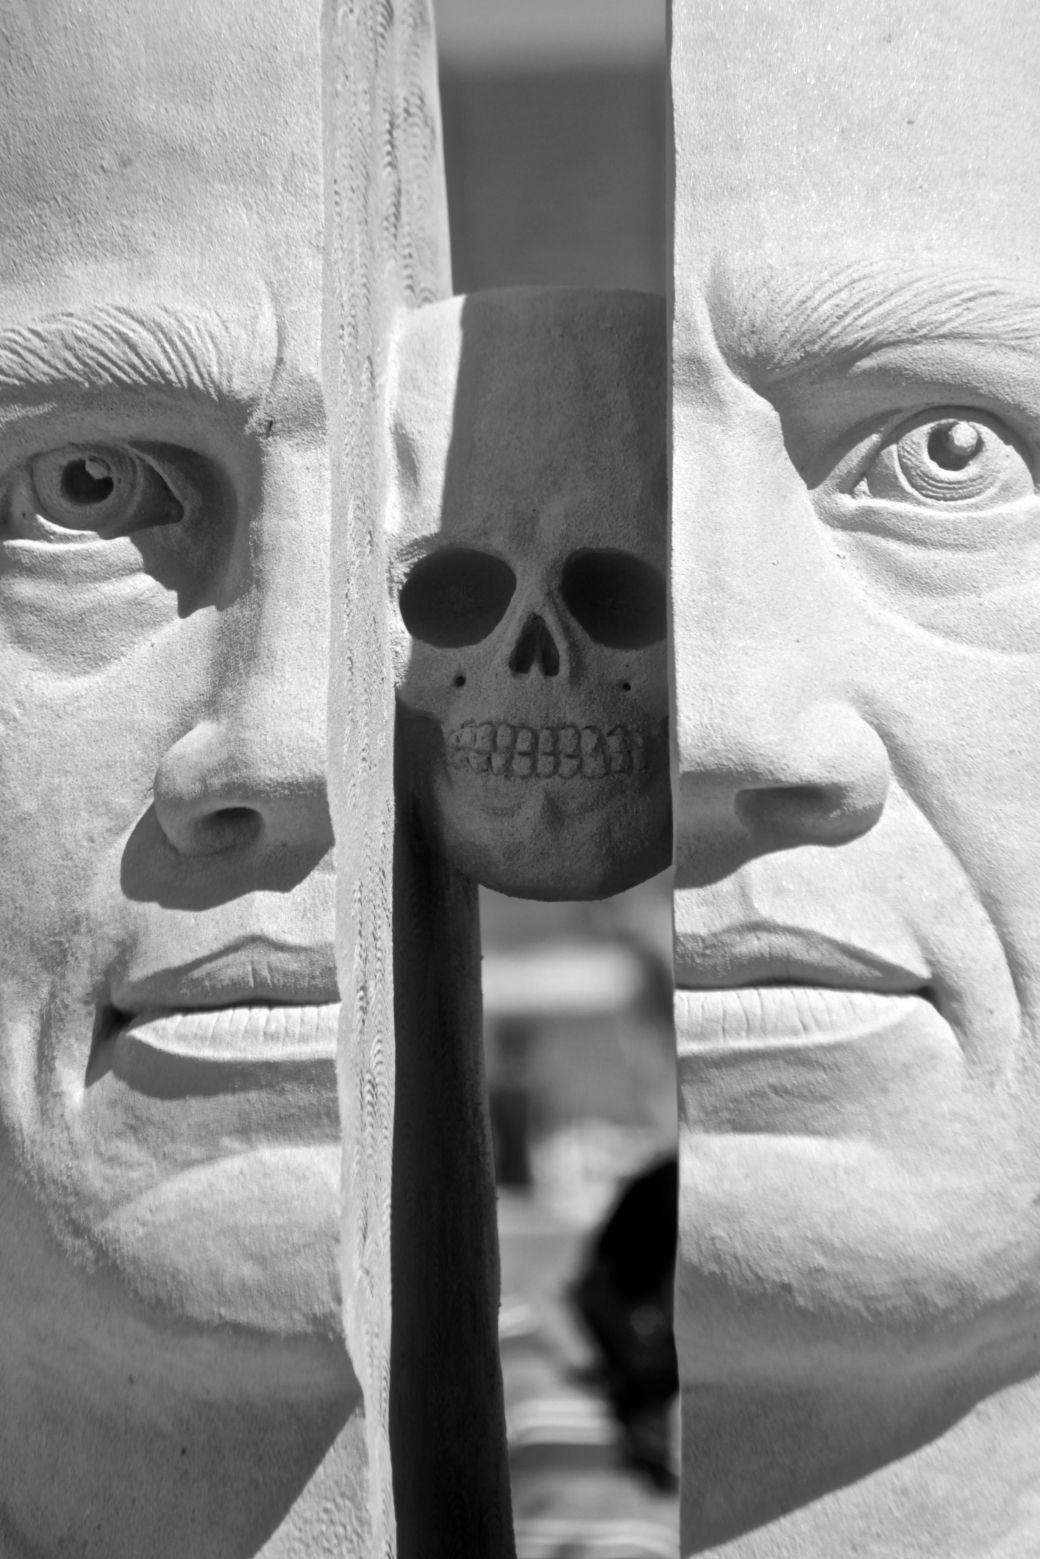 boston revere beach National Sand Sculpting Festival split face sand sculpture skull in the middle